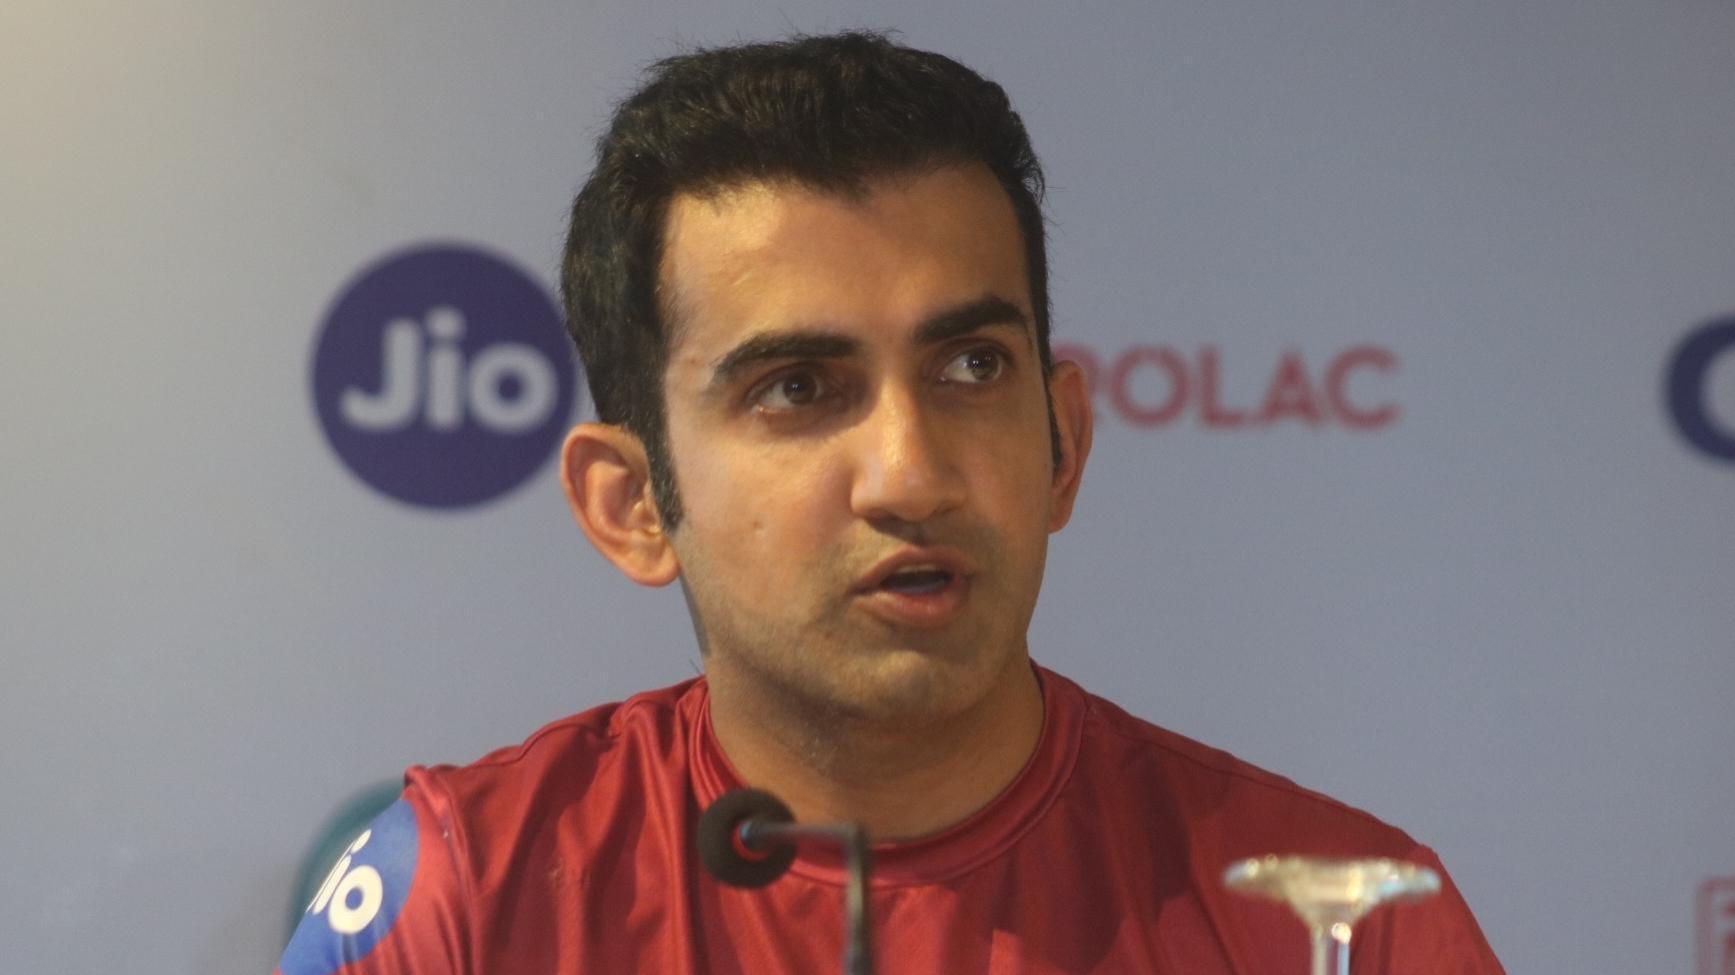 IPL 2018: अगर दिल्ली डेयरडेविल्स मुझे दोबारा मौका देती तो मैं जरुर खेलता -गौतम गंभीर